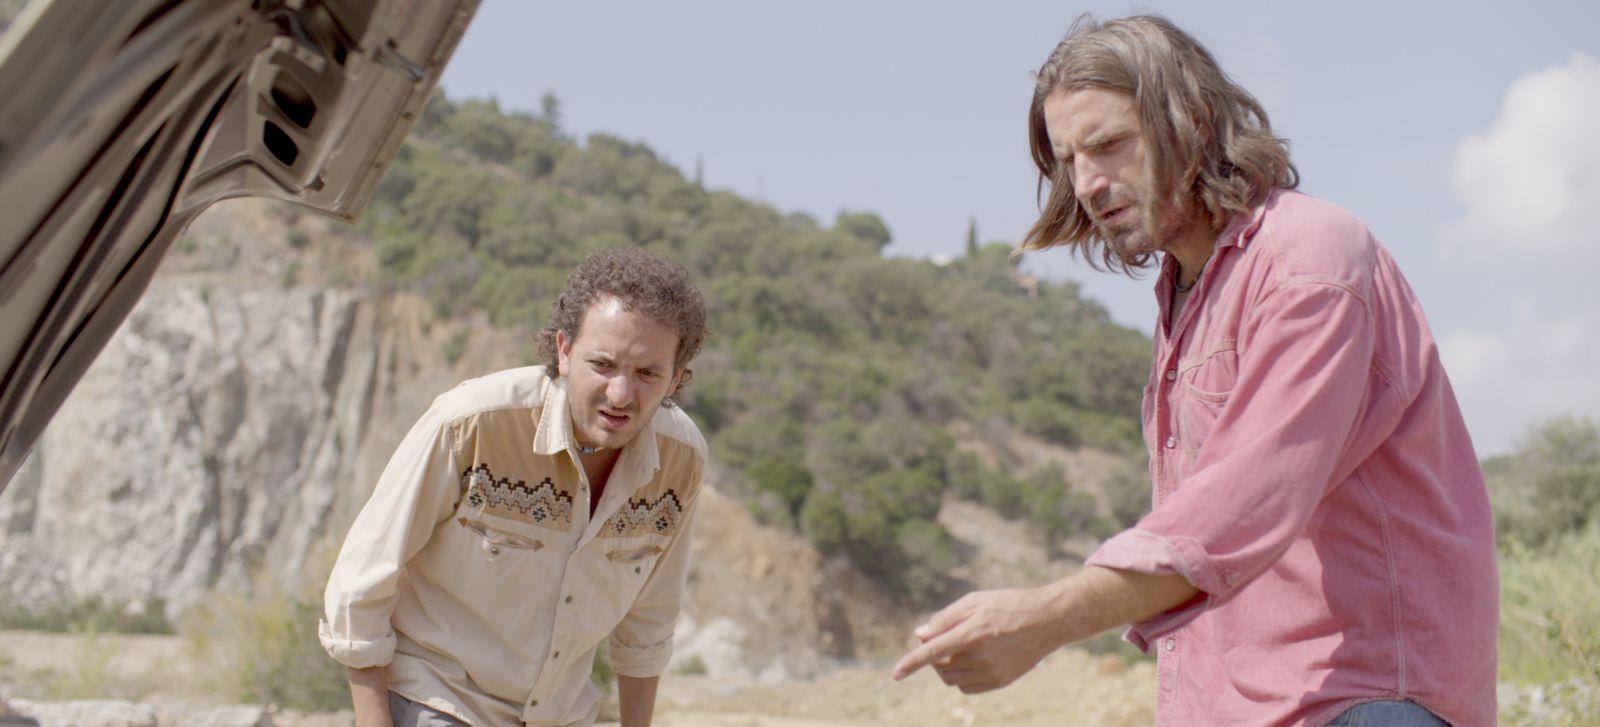 Mandibules (TEASER) de Quentin Dupieux avec David Marsais, Grégoire Ludig, Adèle Exarchopoulos - Le 2 décembre 2020 au cinéma